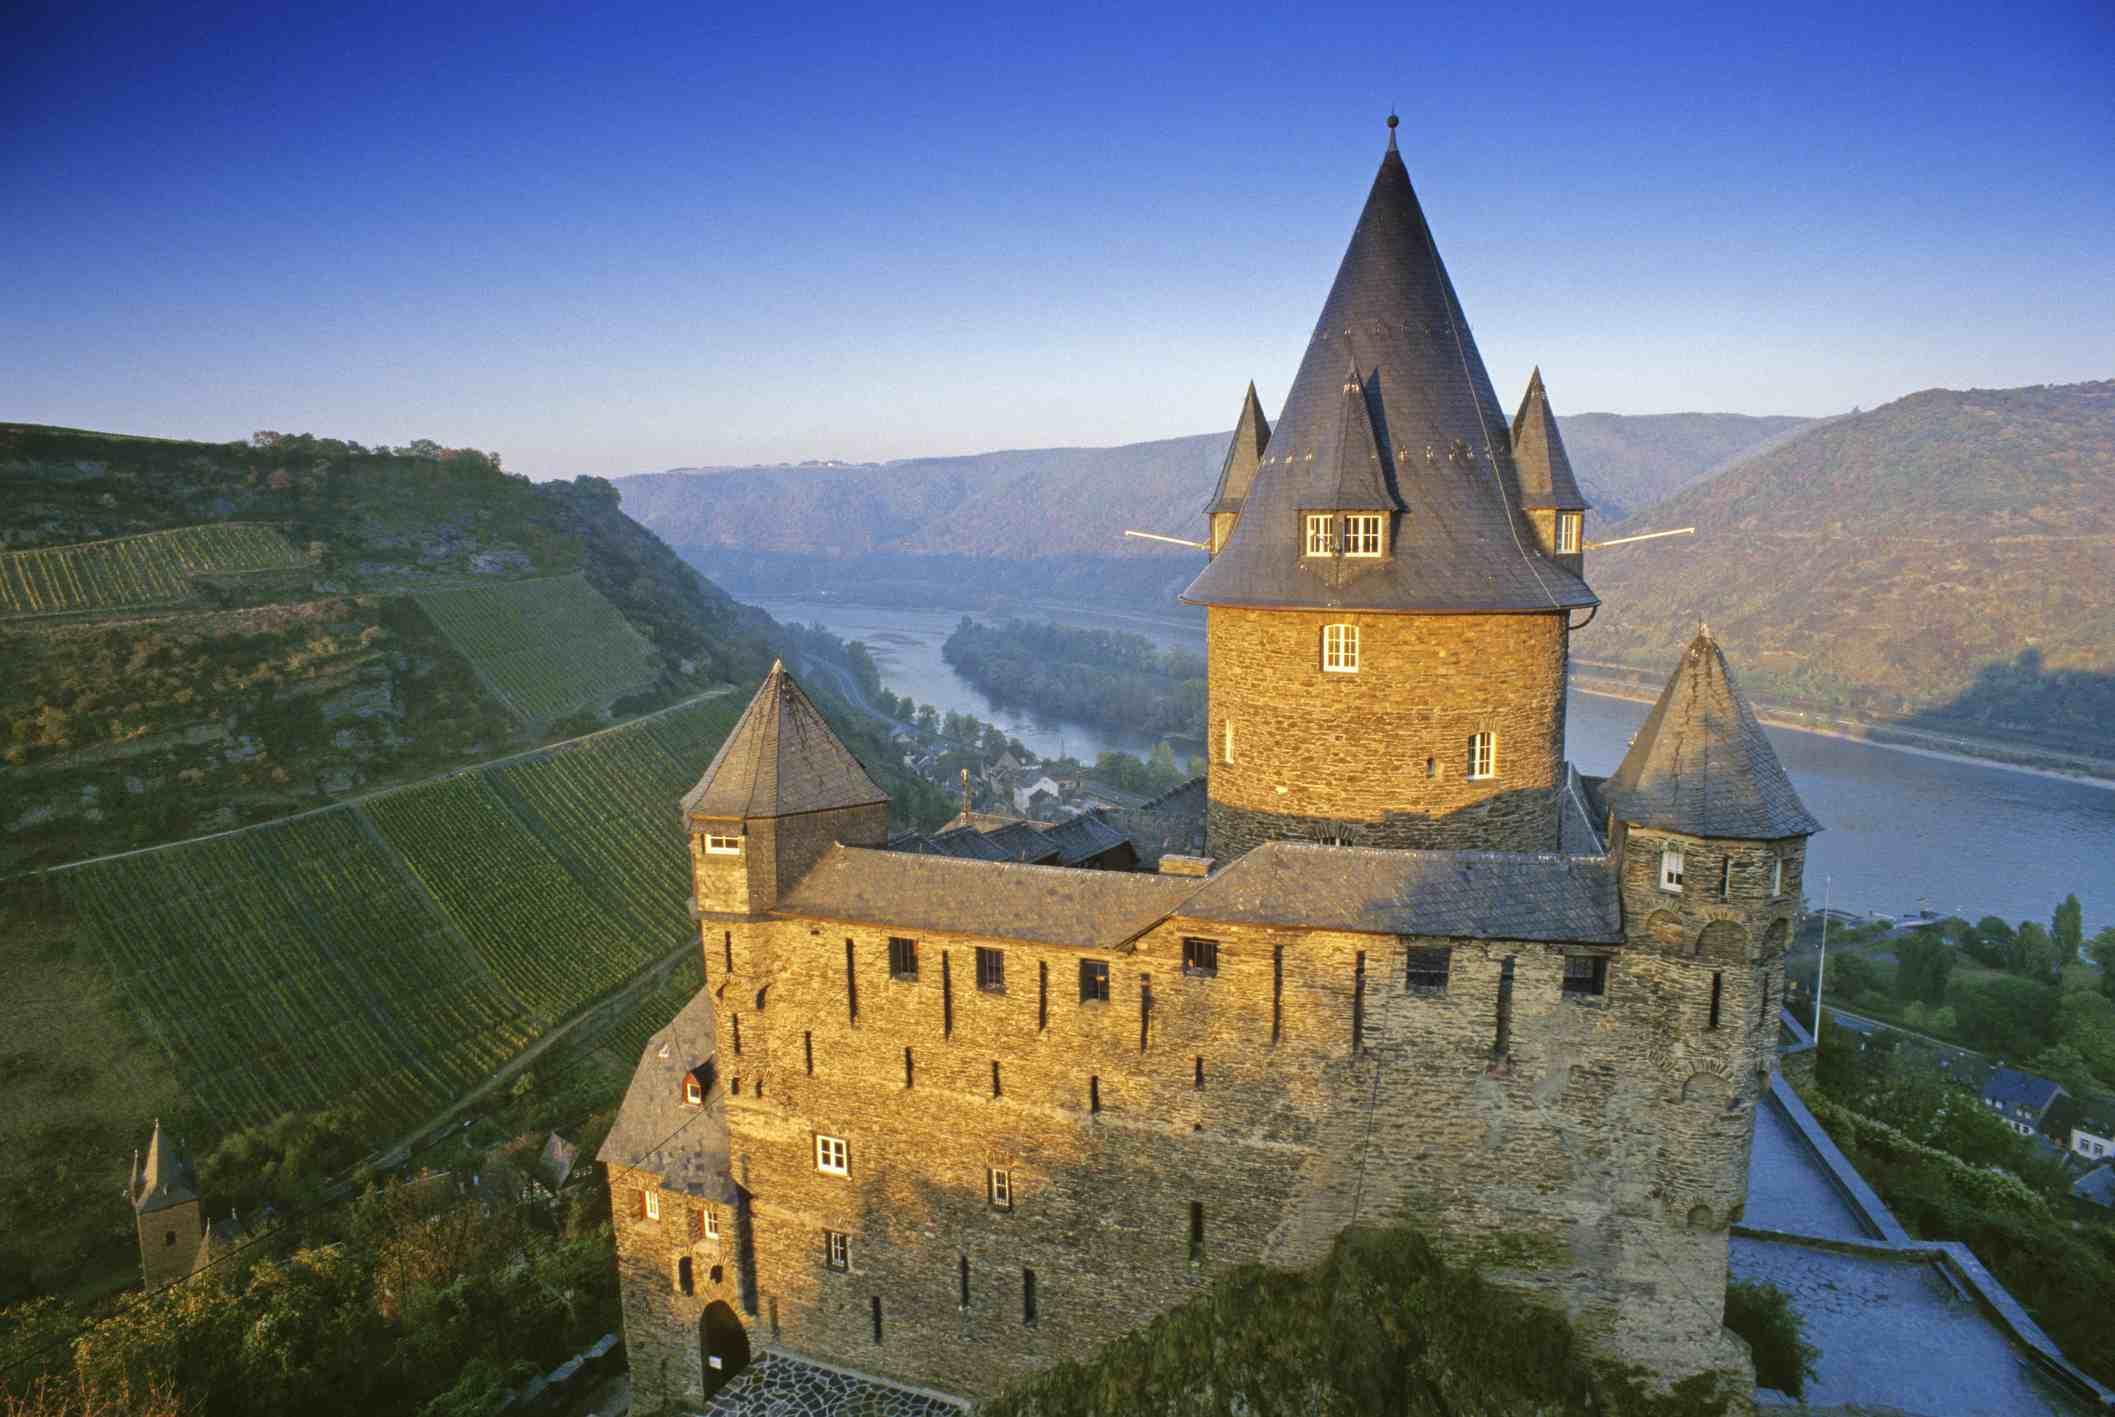 Bacharach Castle